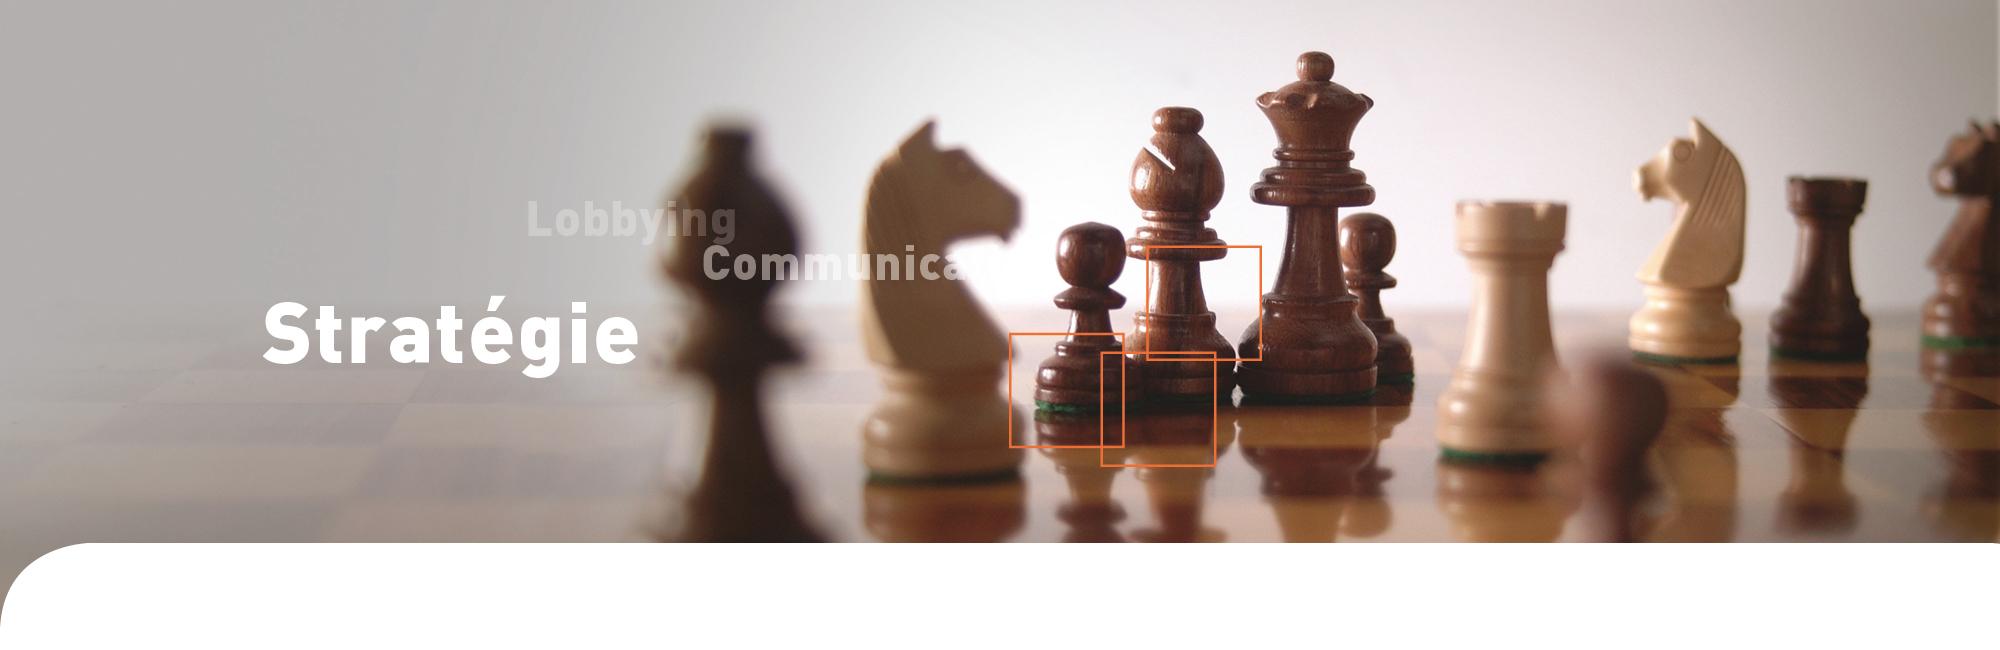 Thomas legrain Conseil - Stratégie